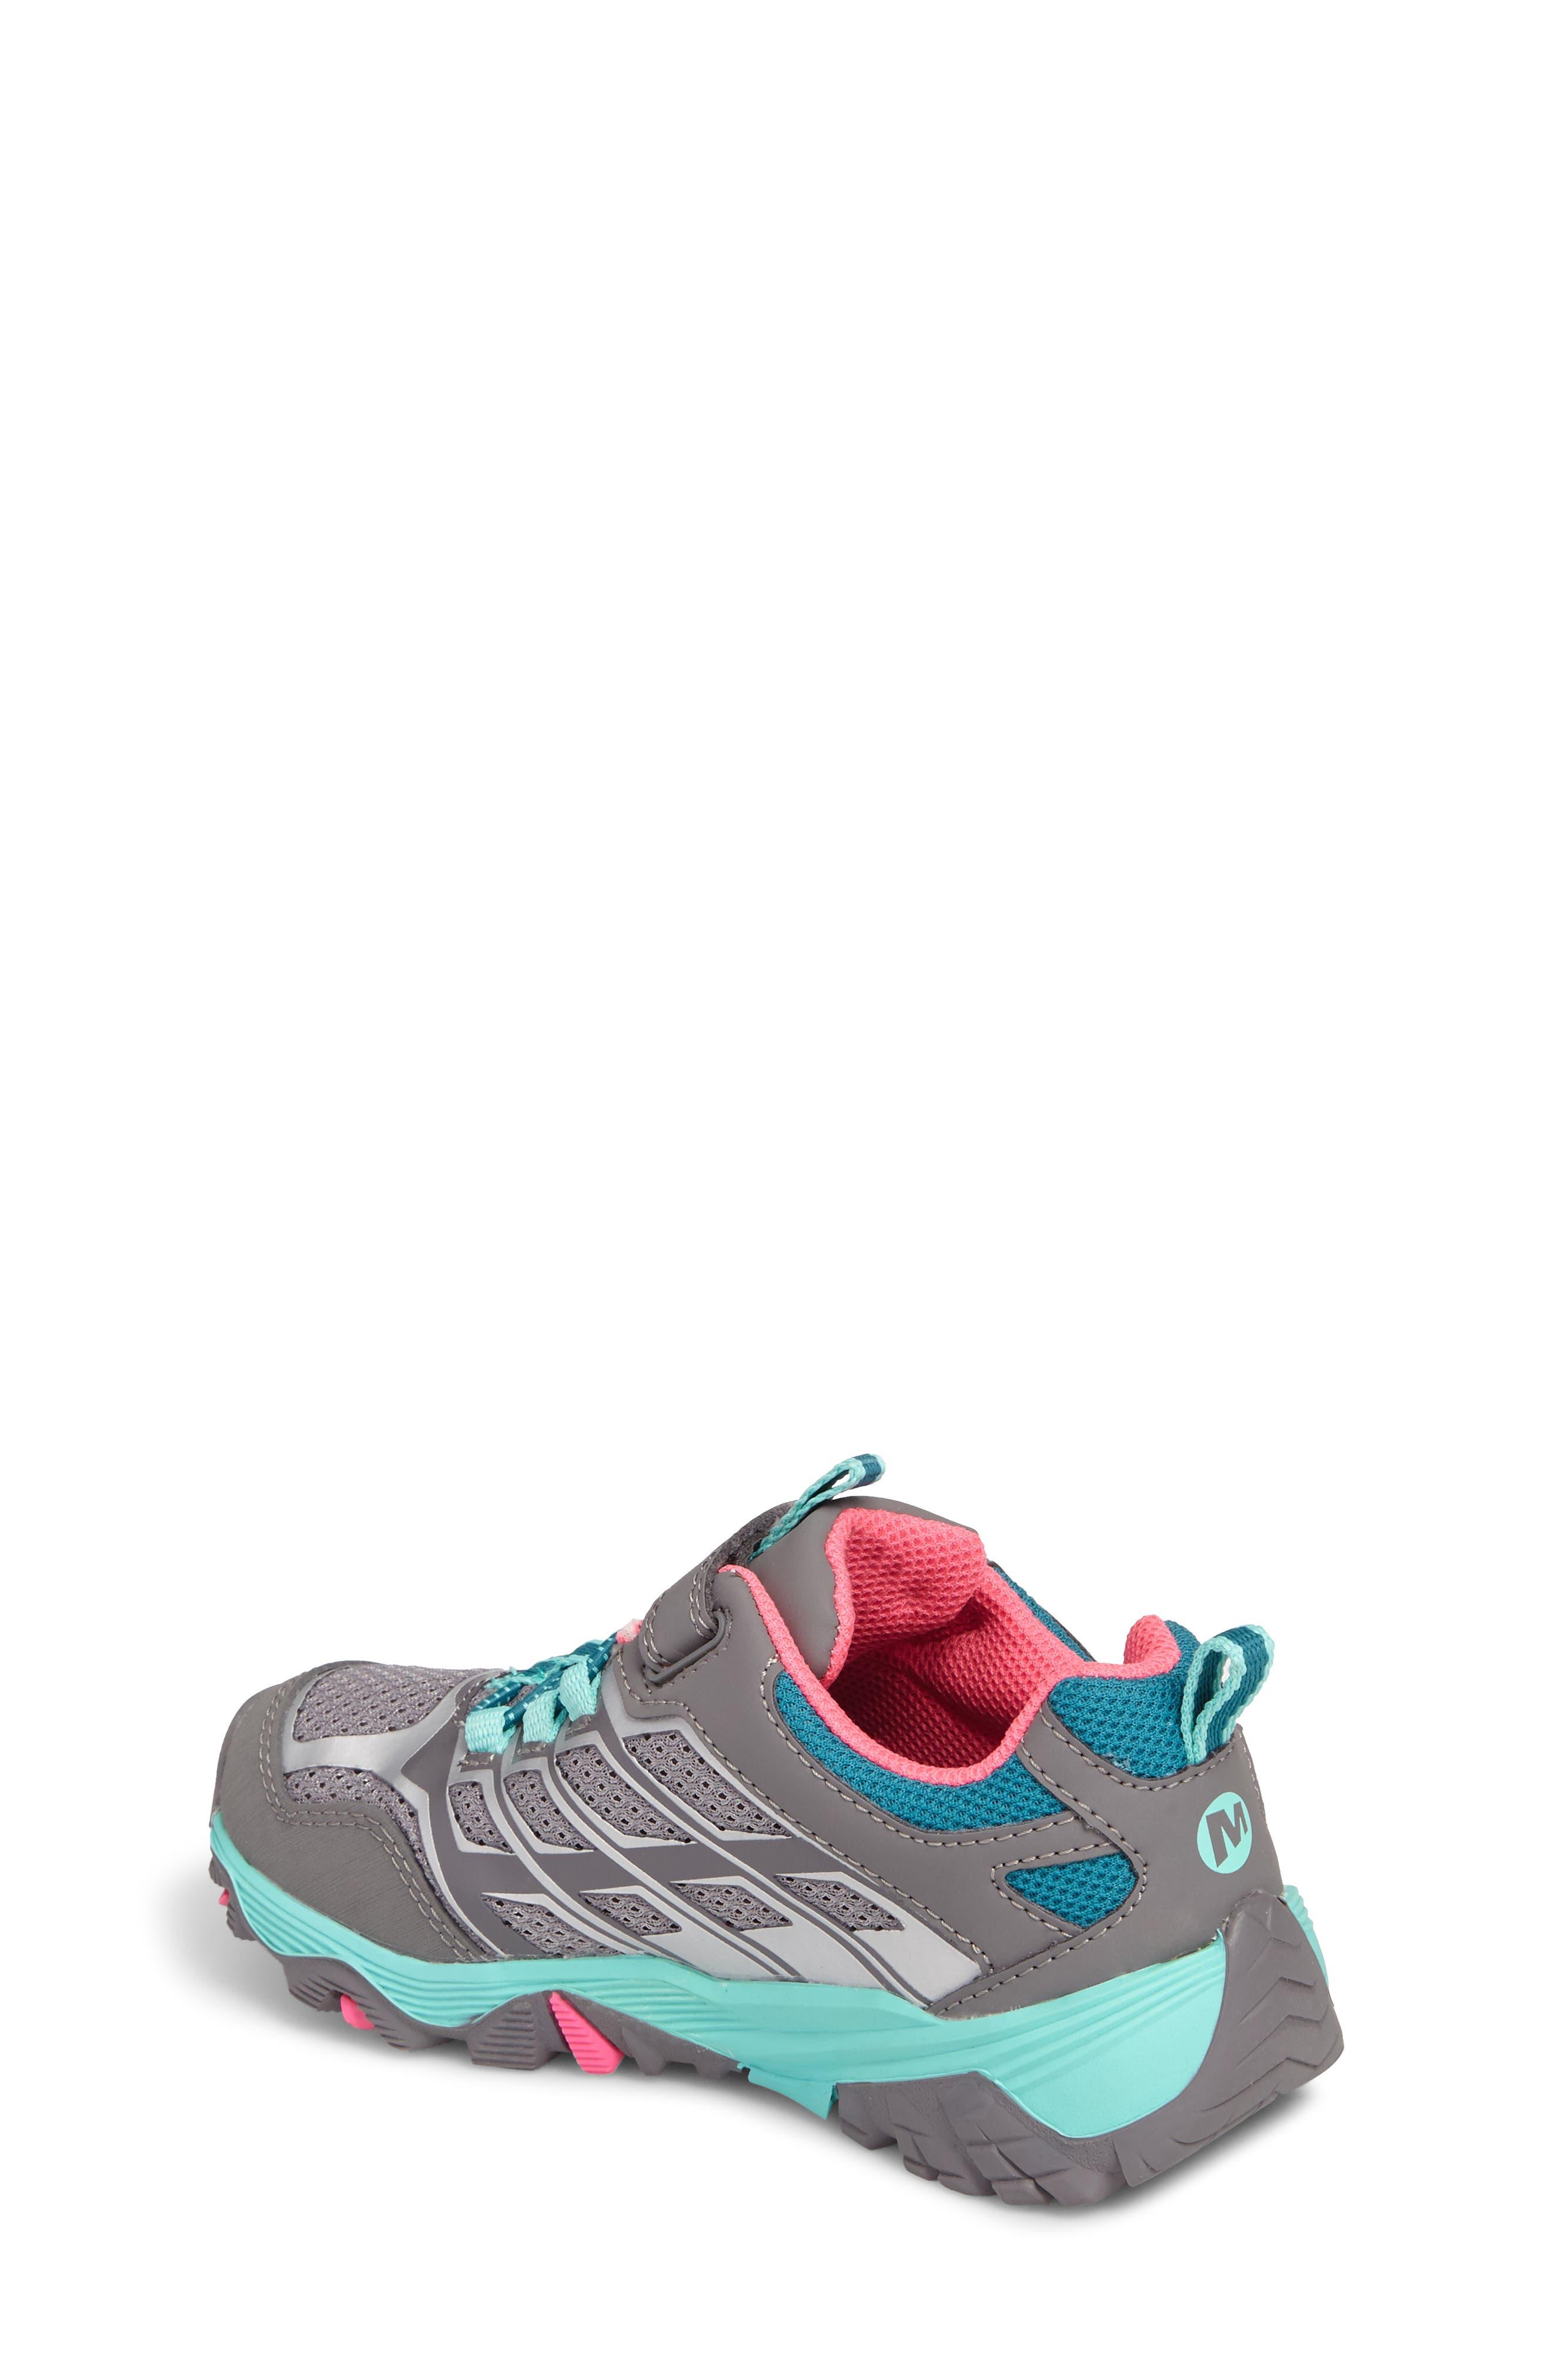 Moab FST Polar Low Waterproof Sneaker,                             Alternate thumbnail 2, color,                             Grey/ Multi